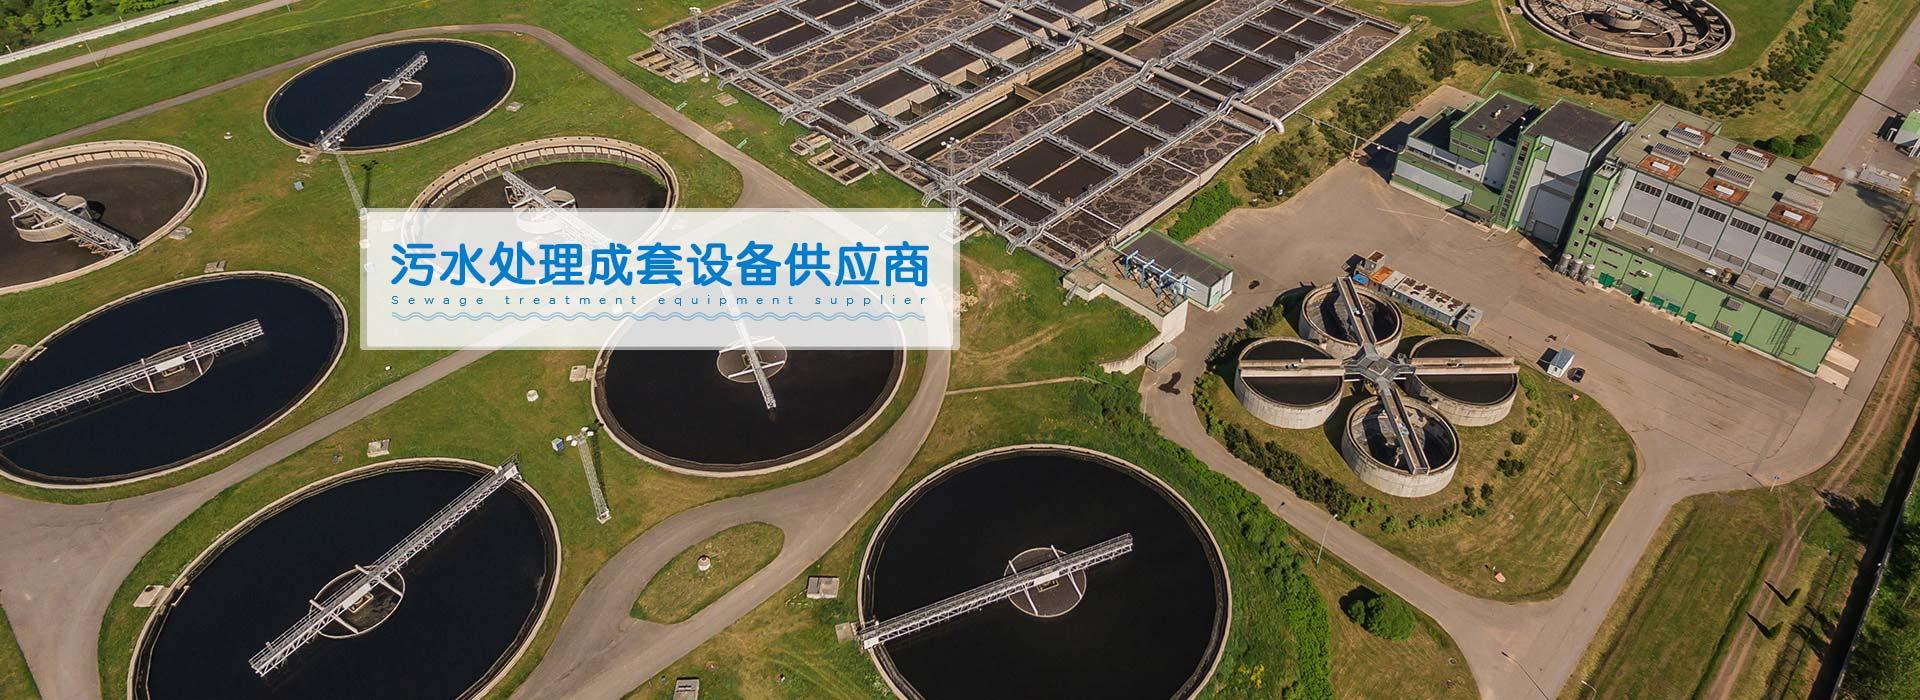 襄绿环保-污水处理成套设备供应商